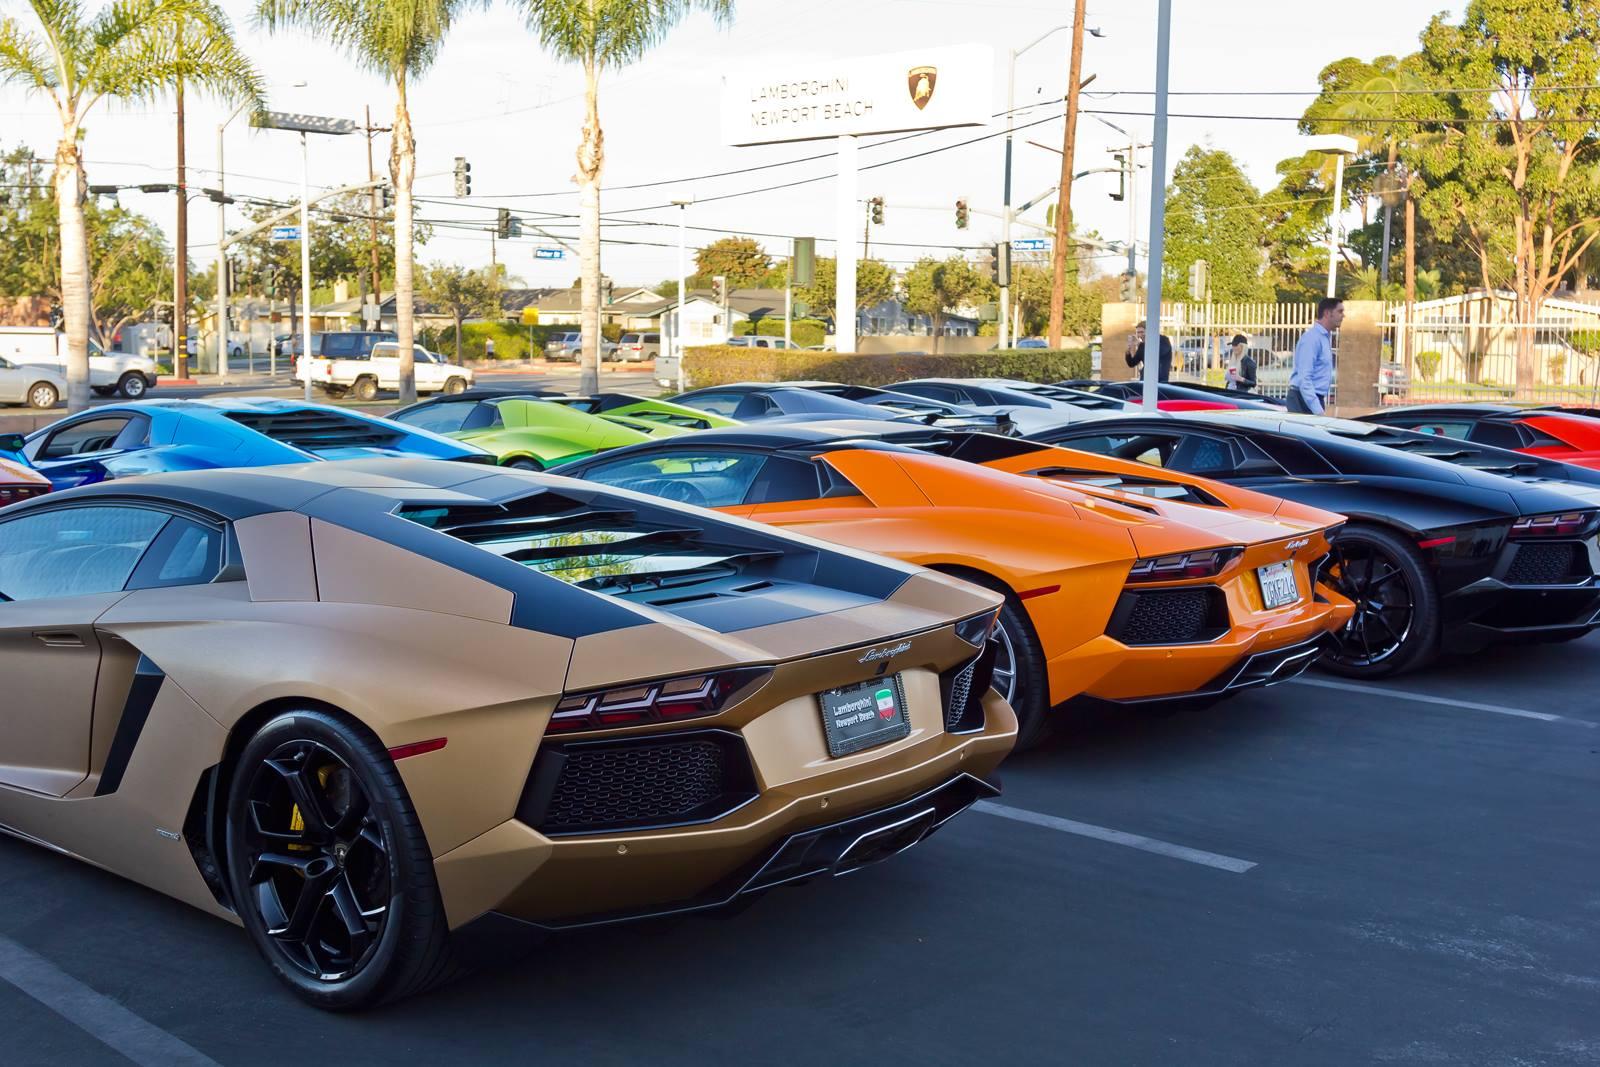 Lamborghini Newport Beach Vip 700 Club Gathering